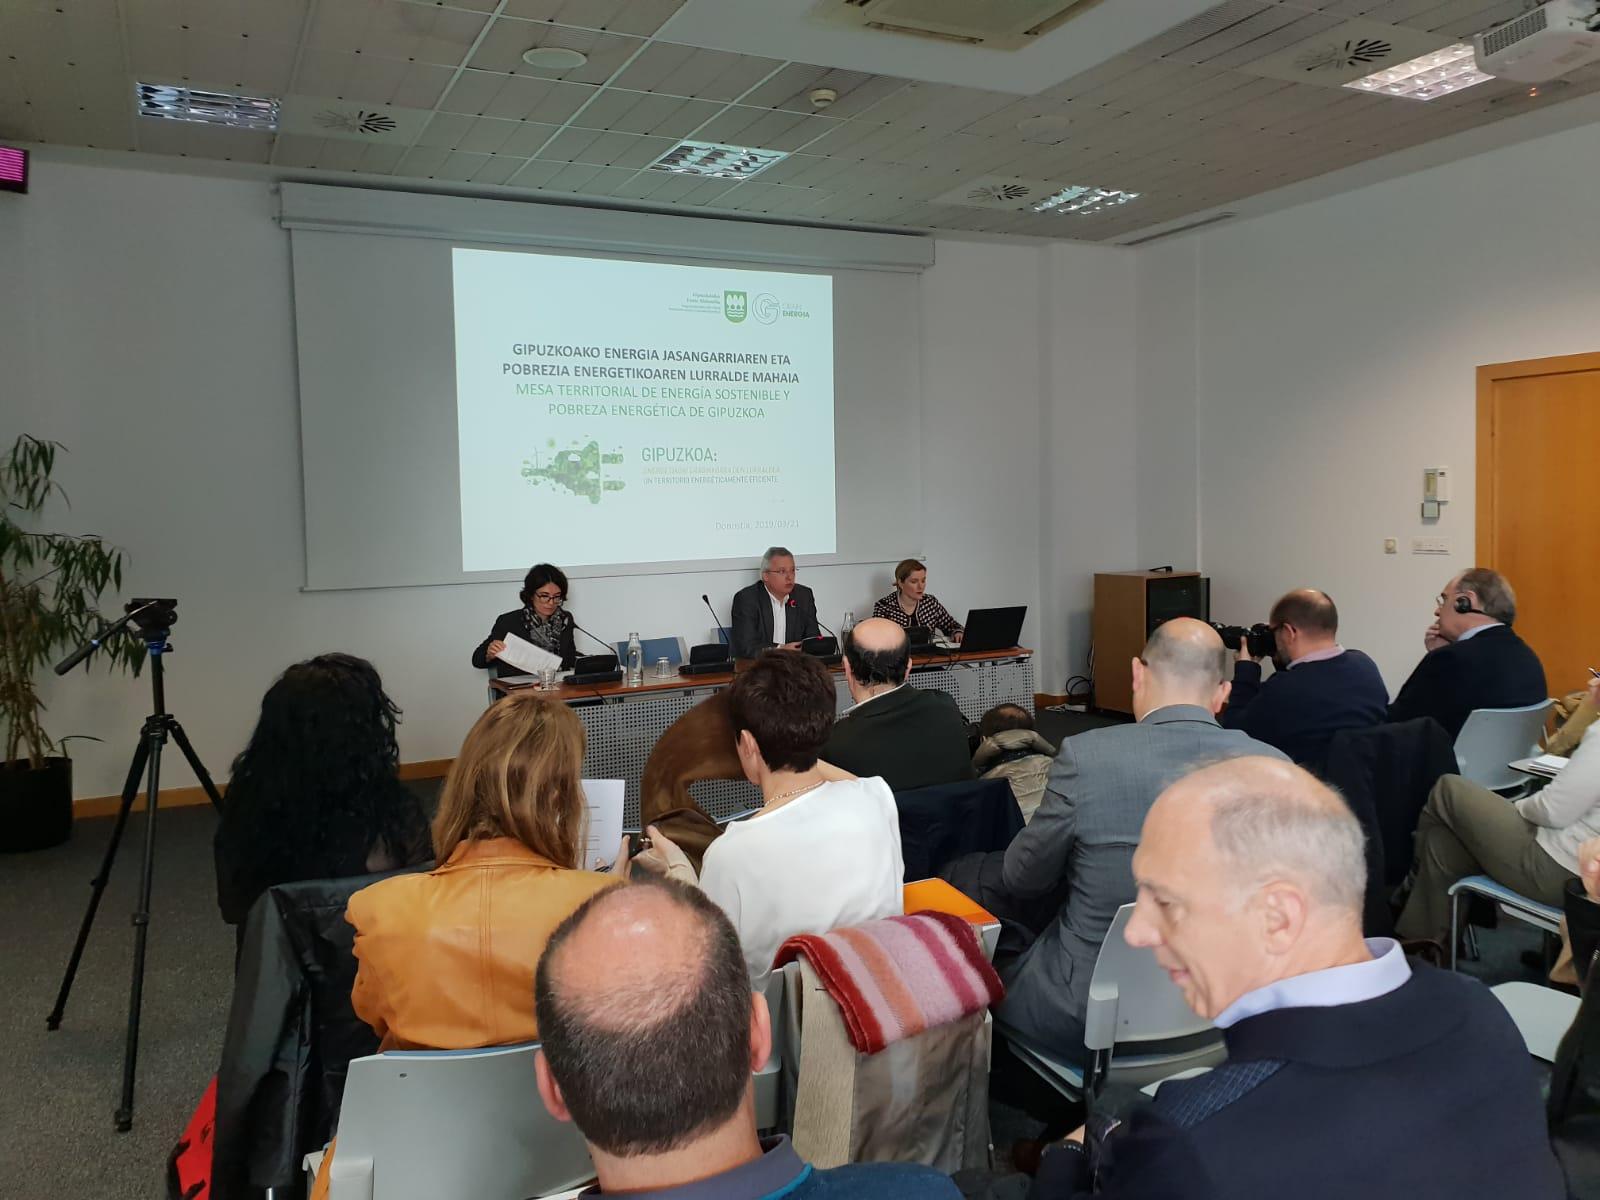 imagen 2 de noticia: asistimos-a-la-mesa-territorial-de-energa-sostenible-y-pobreza-energtica-organizada-por-la-diputacin-foral-de-gipuzkoa